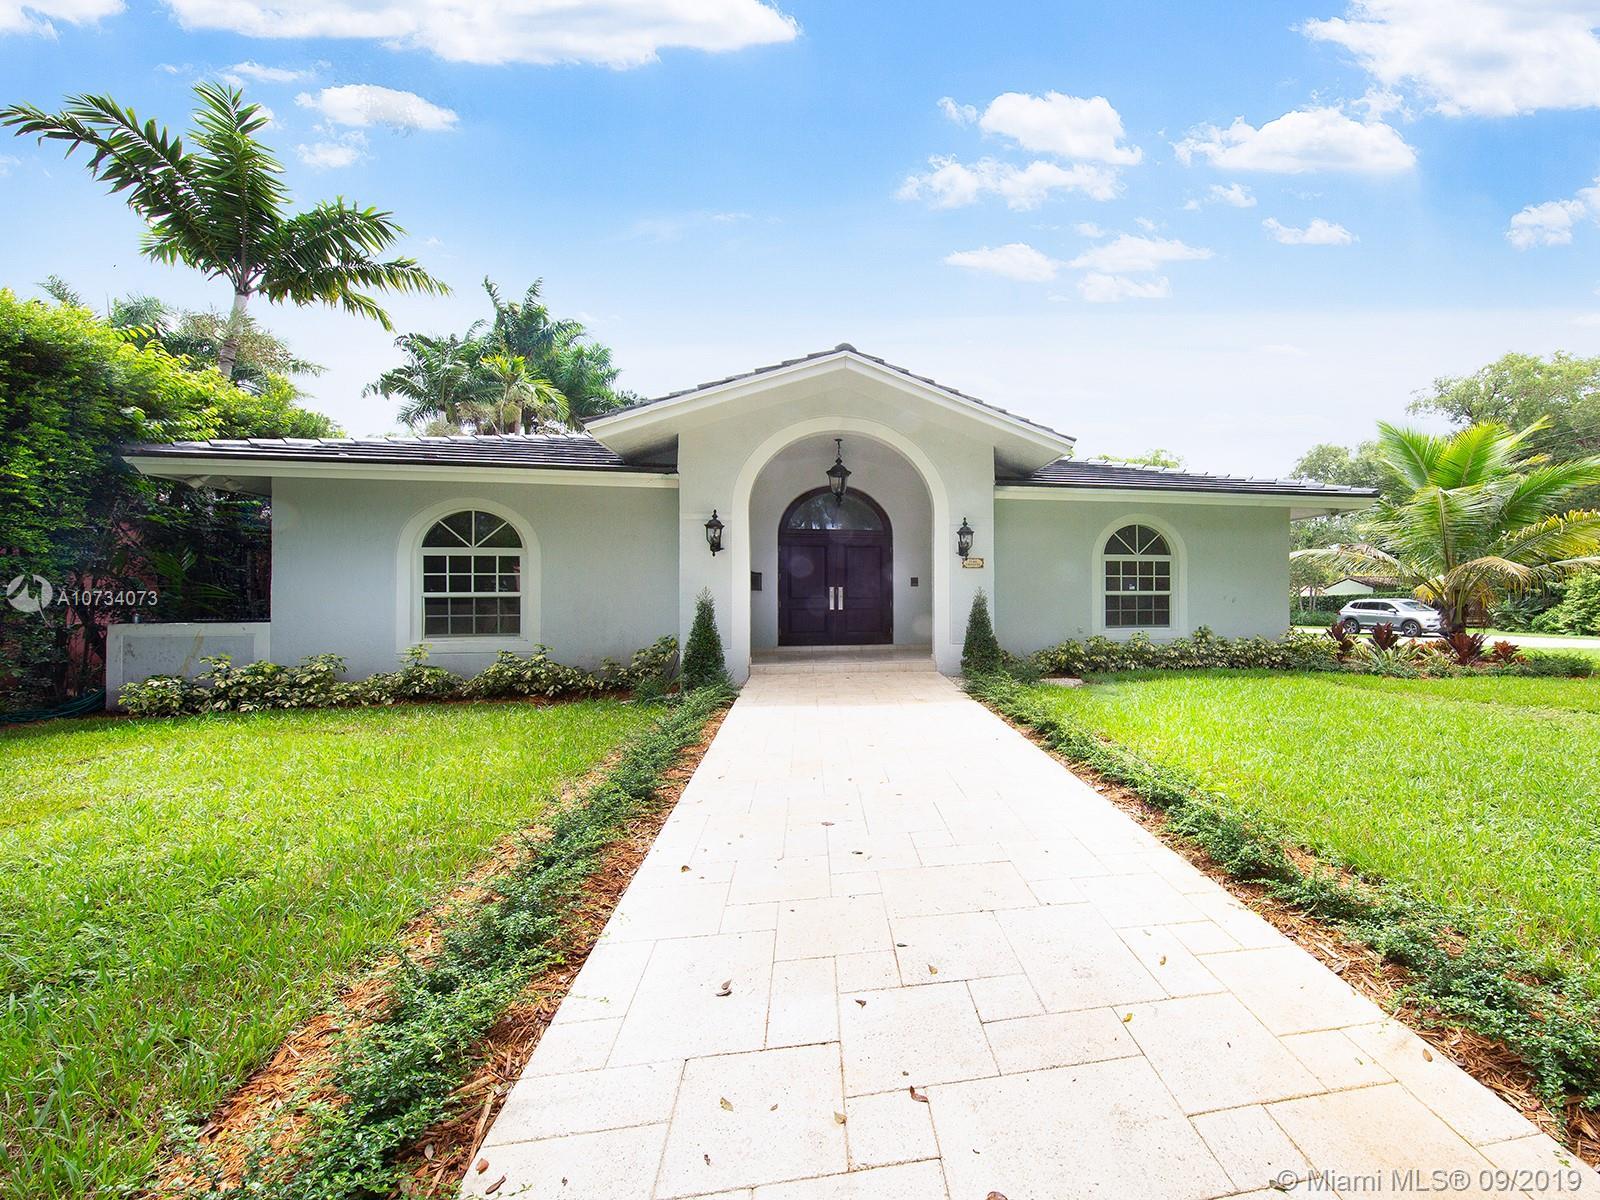 1148  Obispo Ave  For Sale A10734073, FL